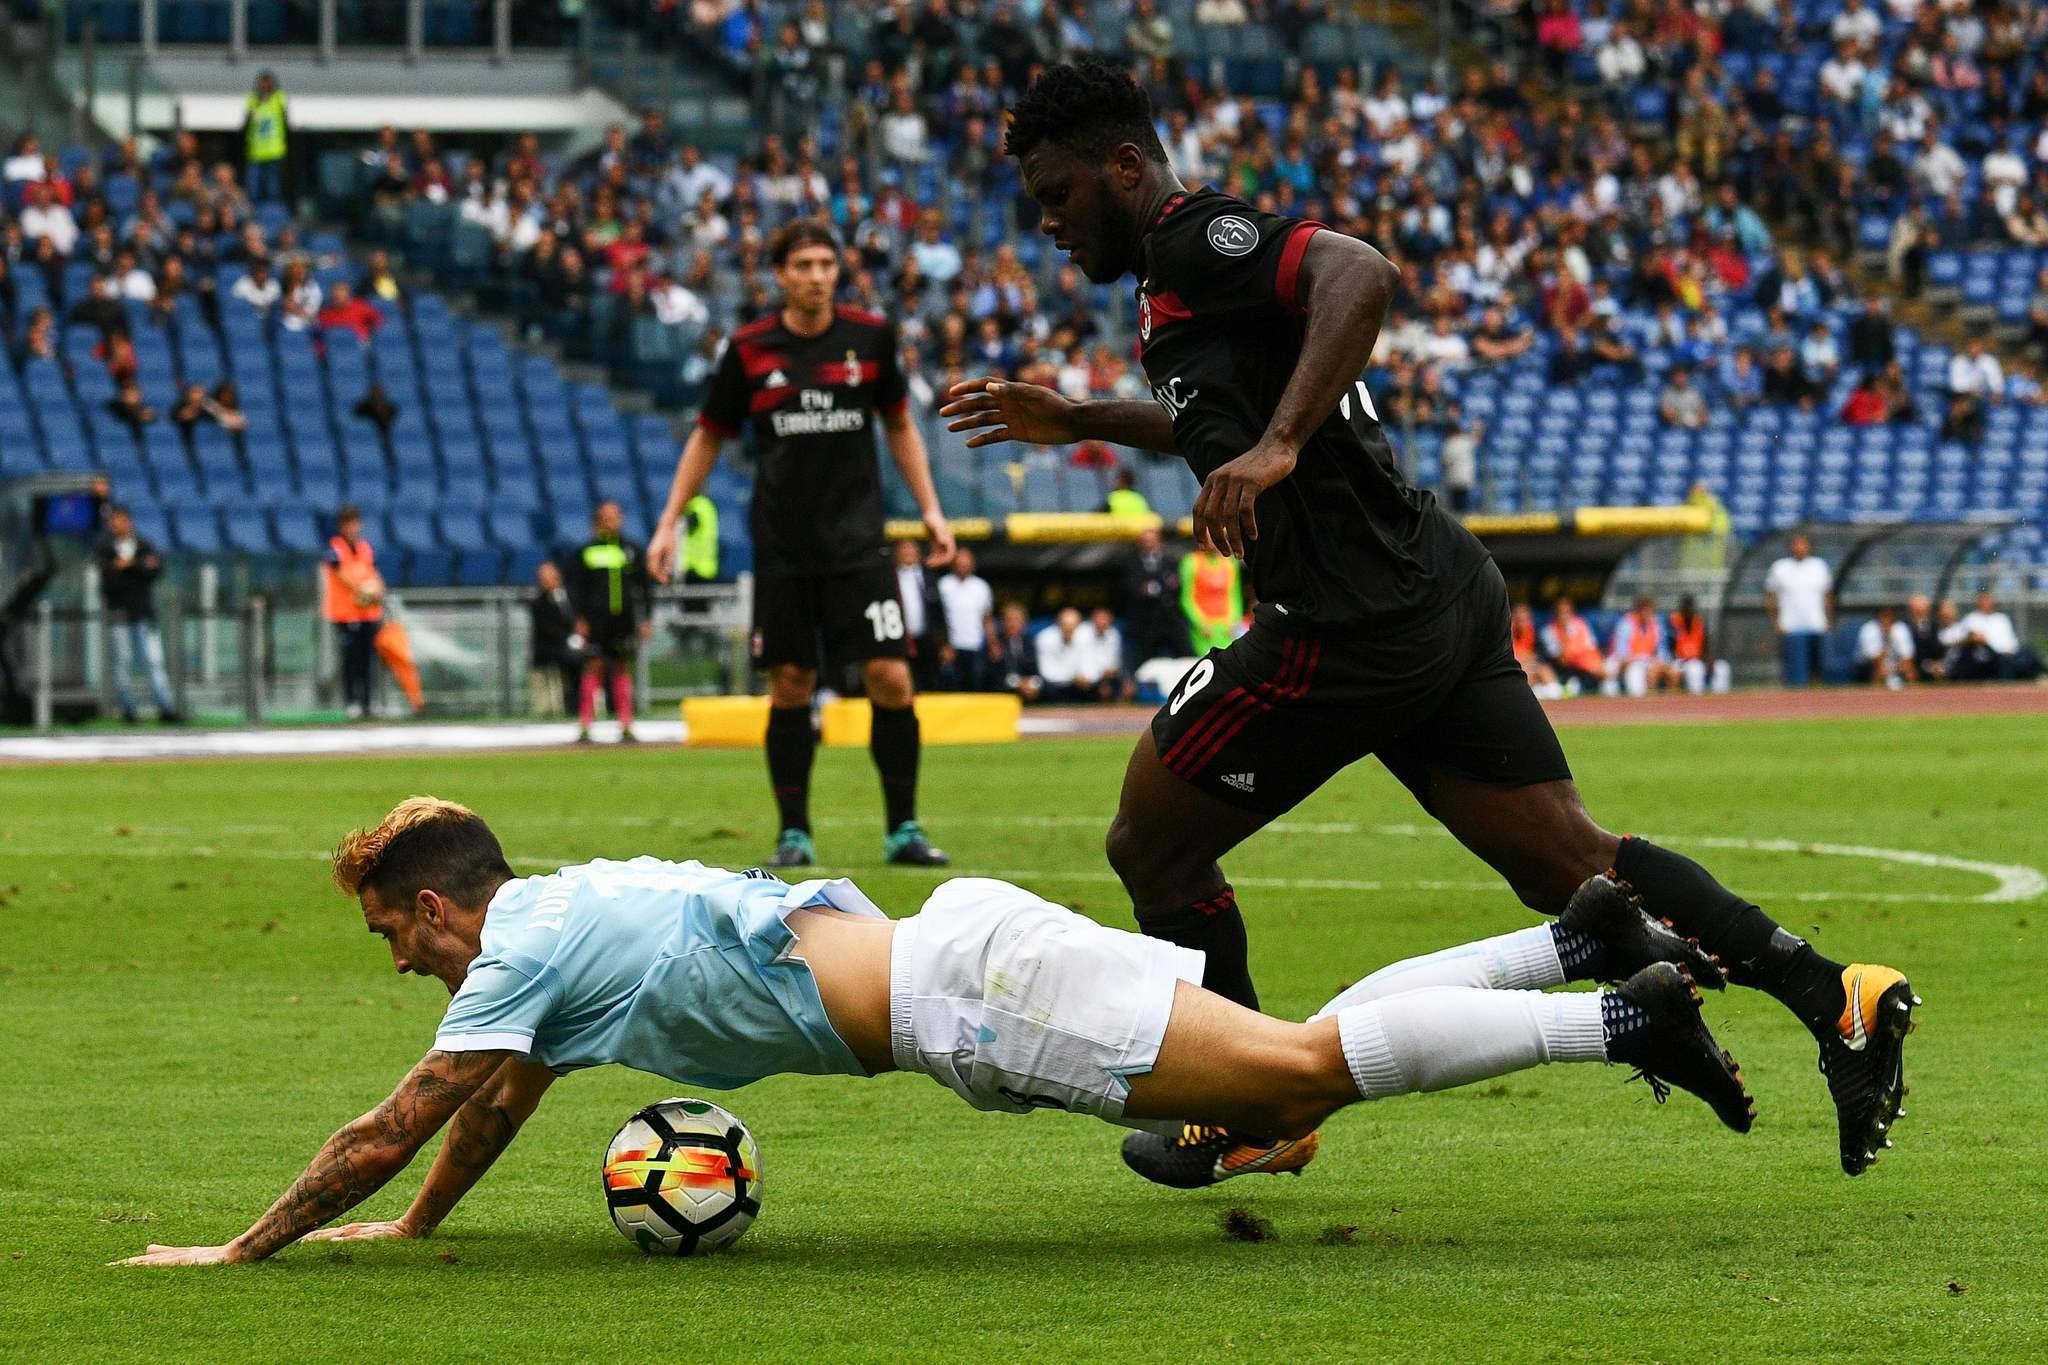 Luis Alberto (24) en el suelo durante el Lazio Milan (4-1)